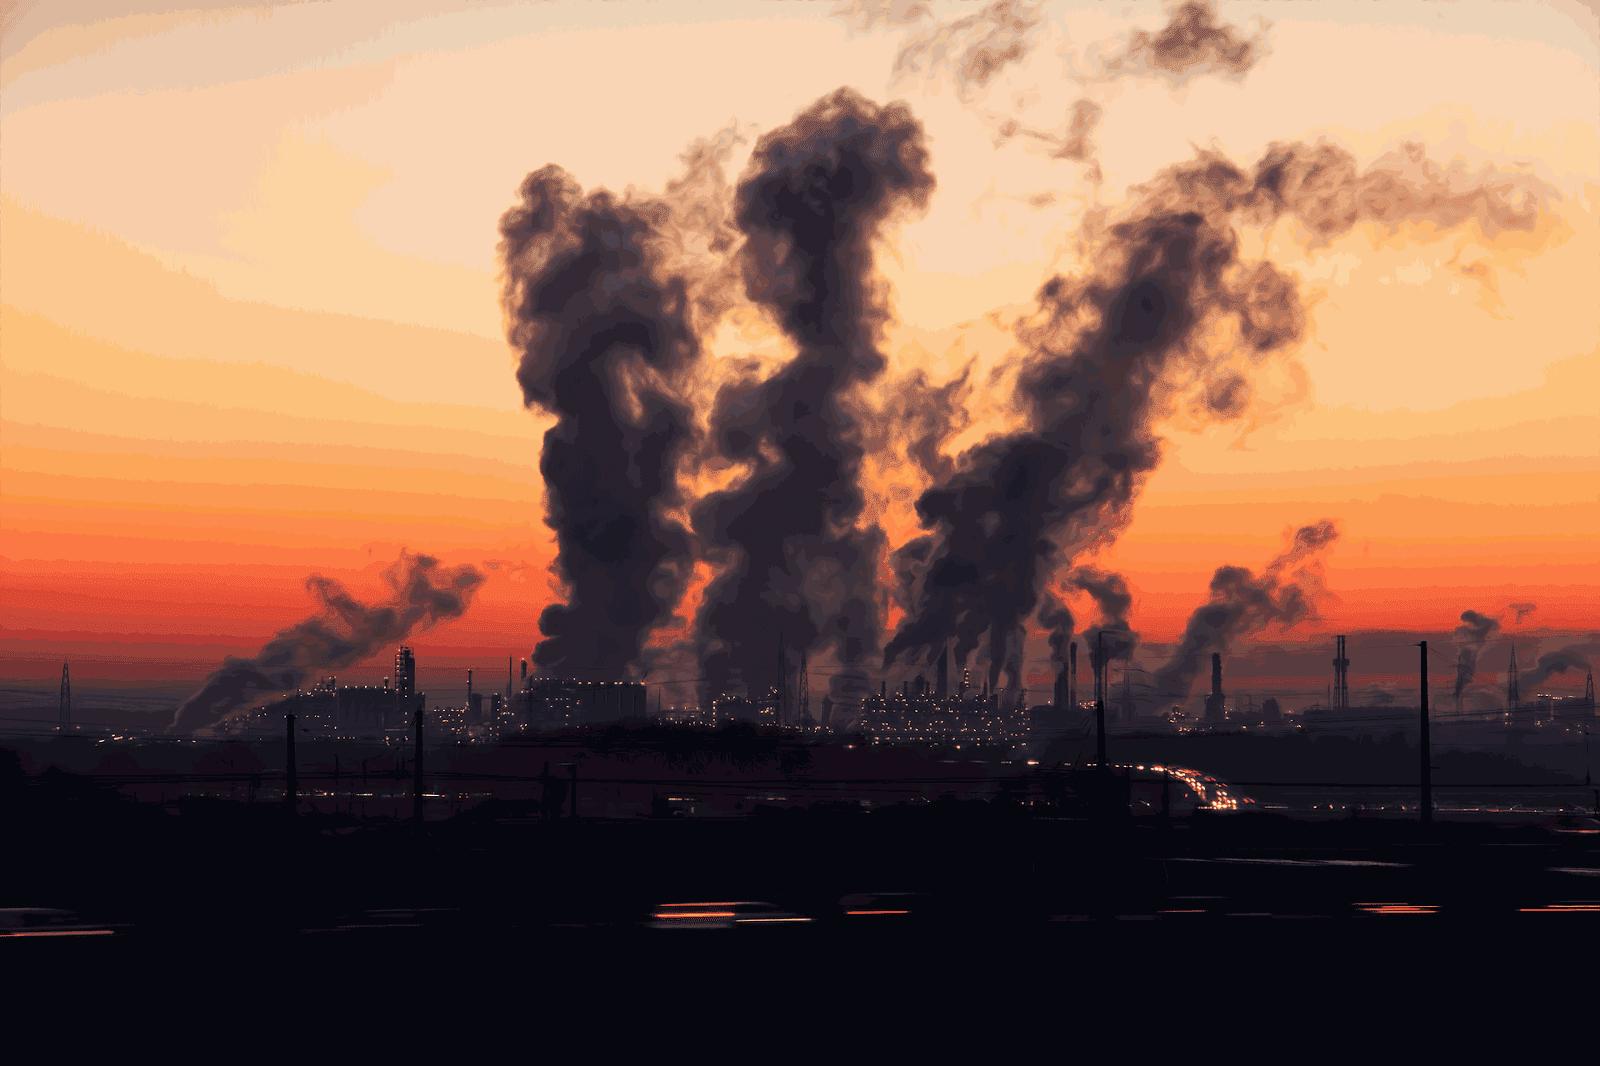 Kita niscaya sering sekali mendengar mengenai apa itu polusi udara Udara Tercemar? Kenali Penyebab dan Cara Mengatasinya